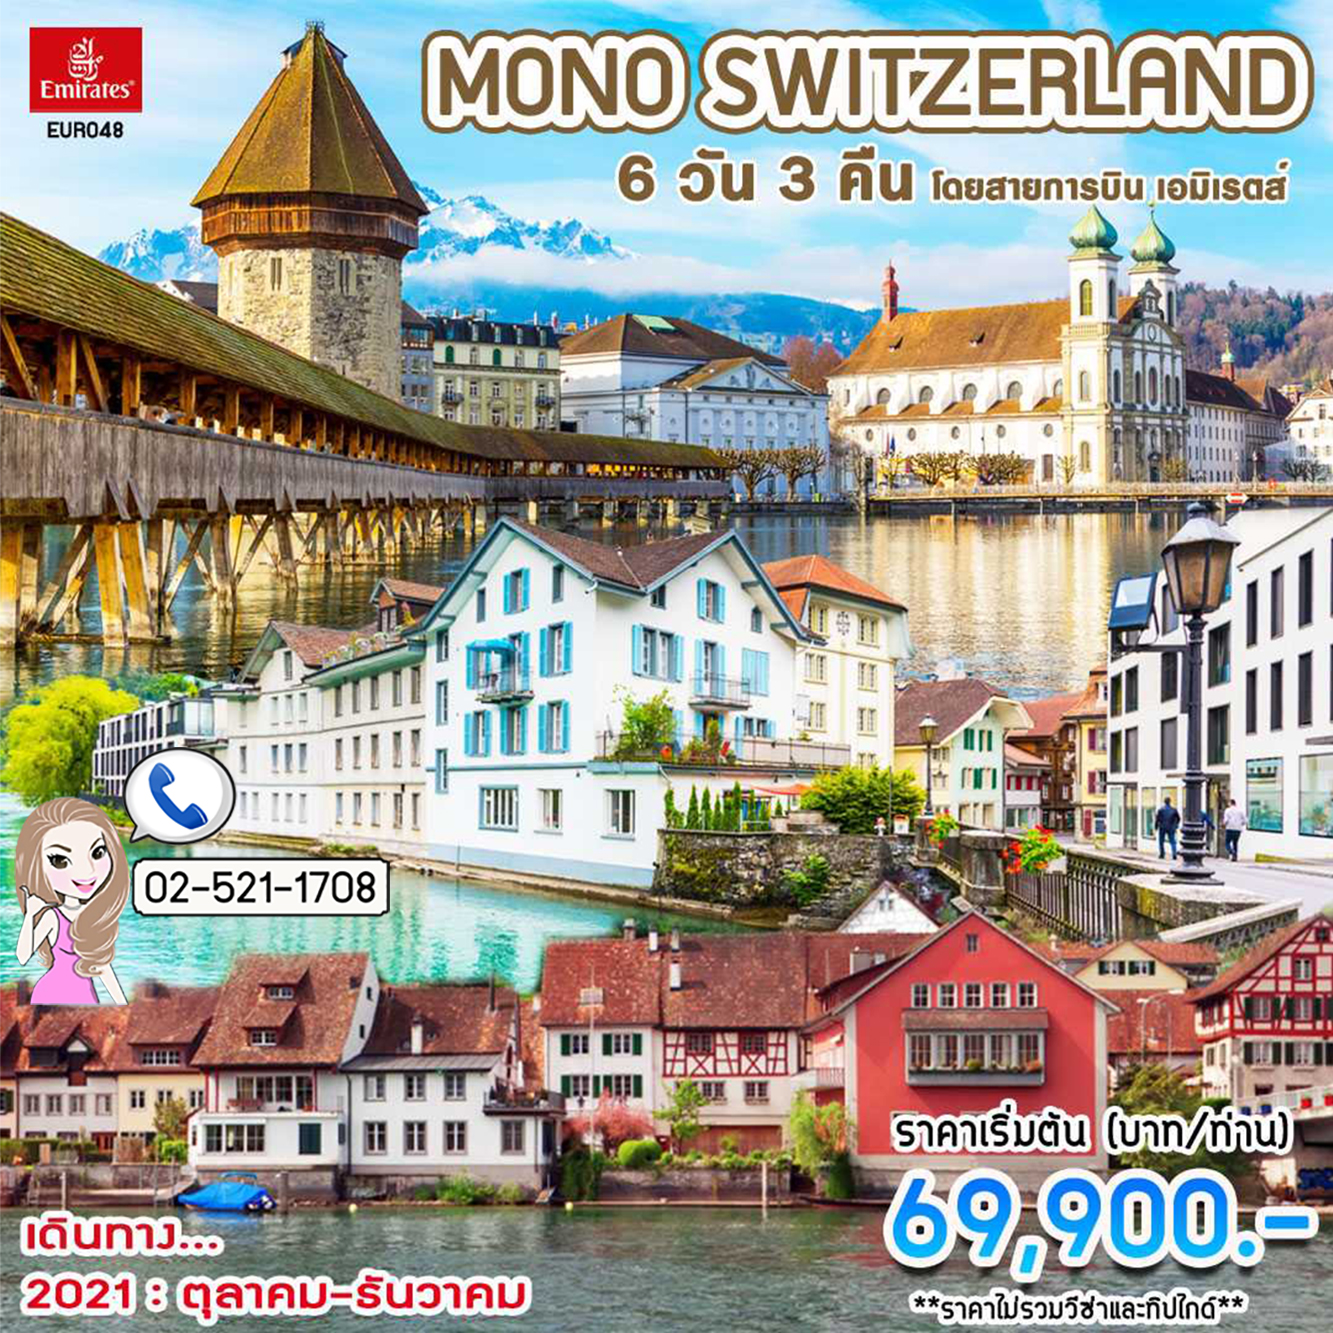 ทัวร์ยุโรป โมโน สวิสเซอร์แลนด์ 6D3N_Euro48_EK